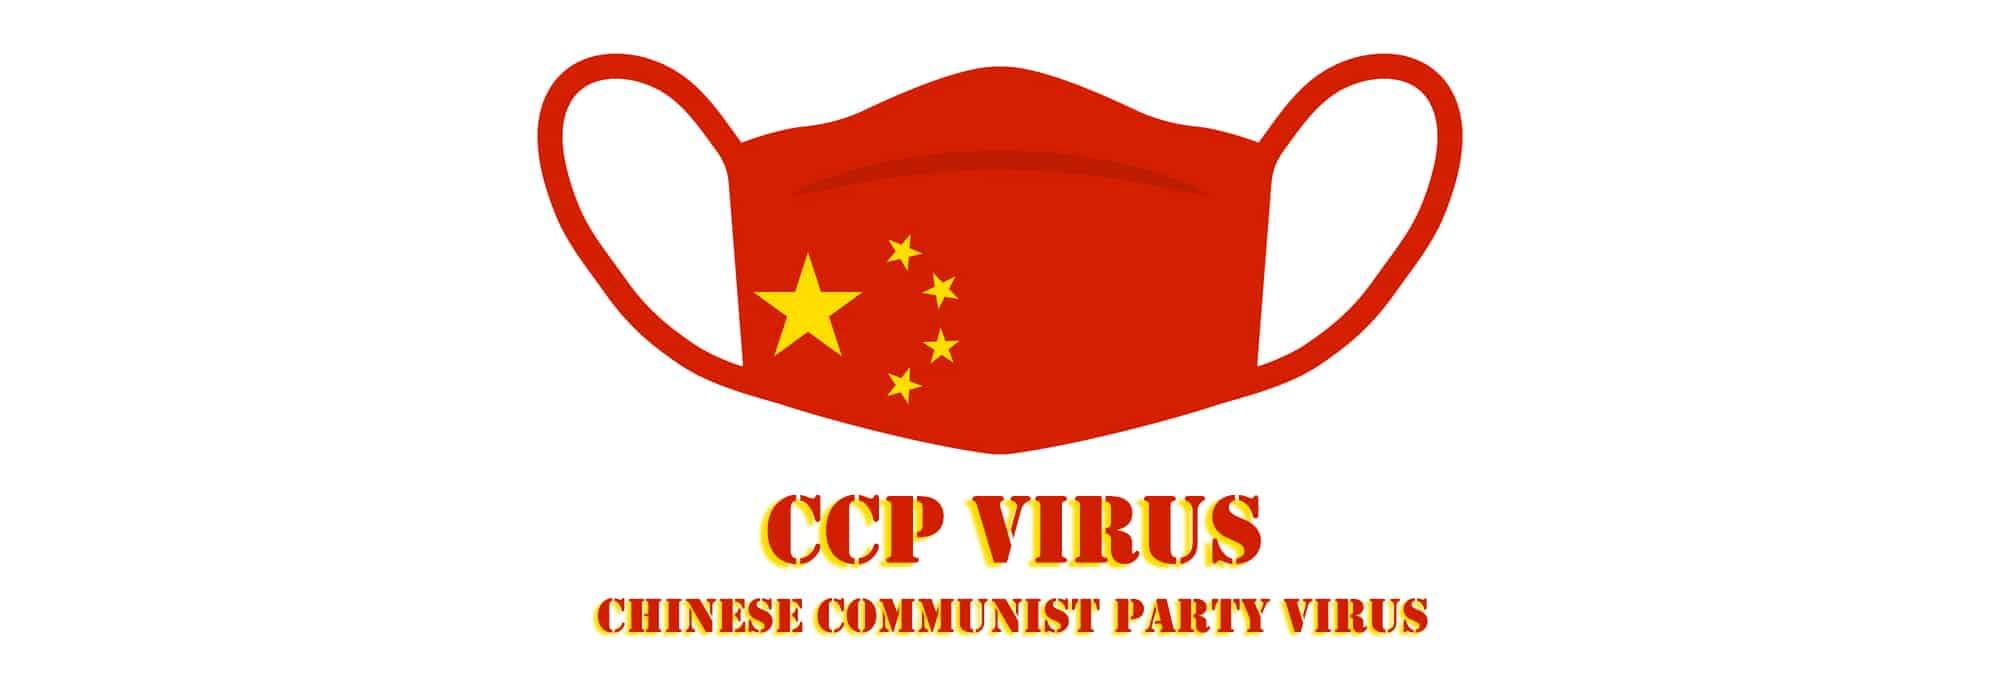 CCP Virus